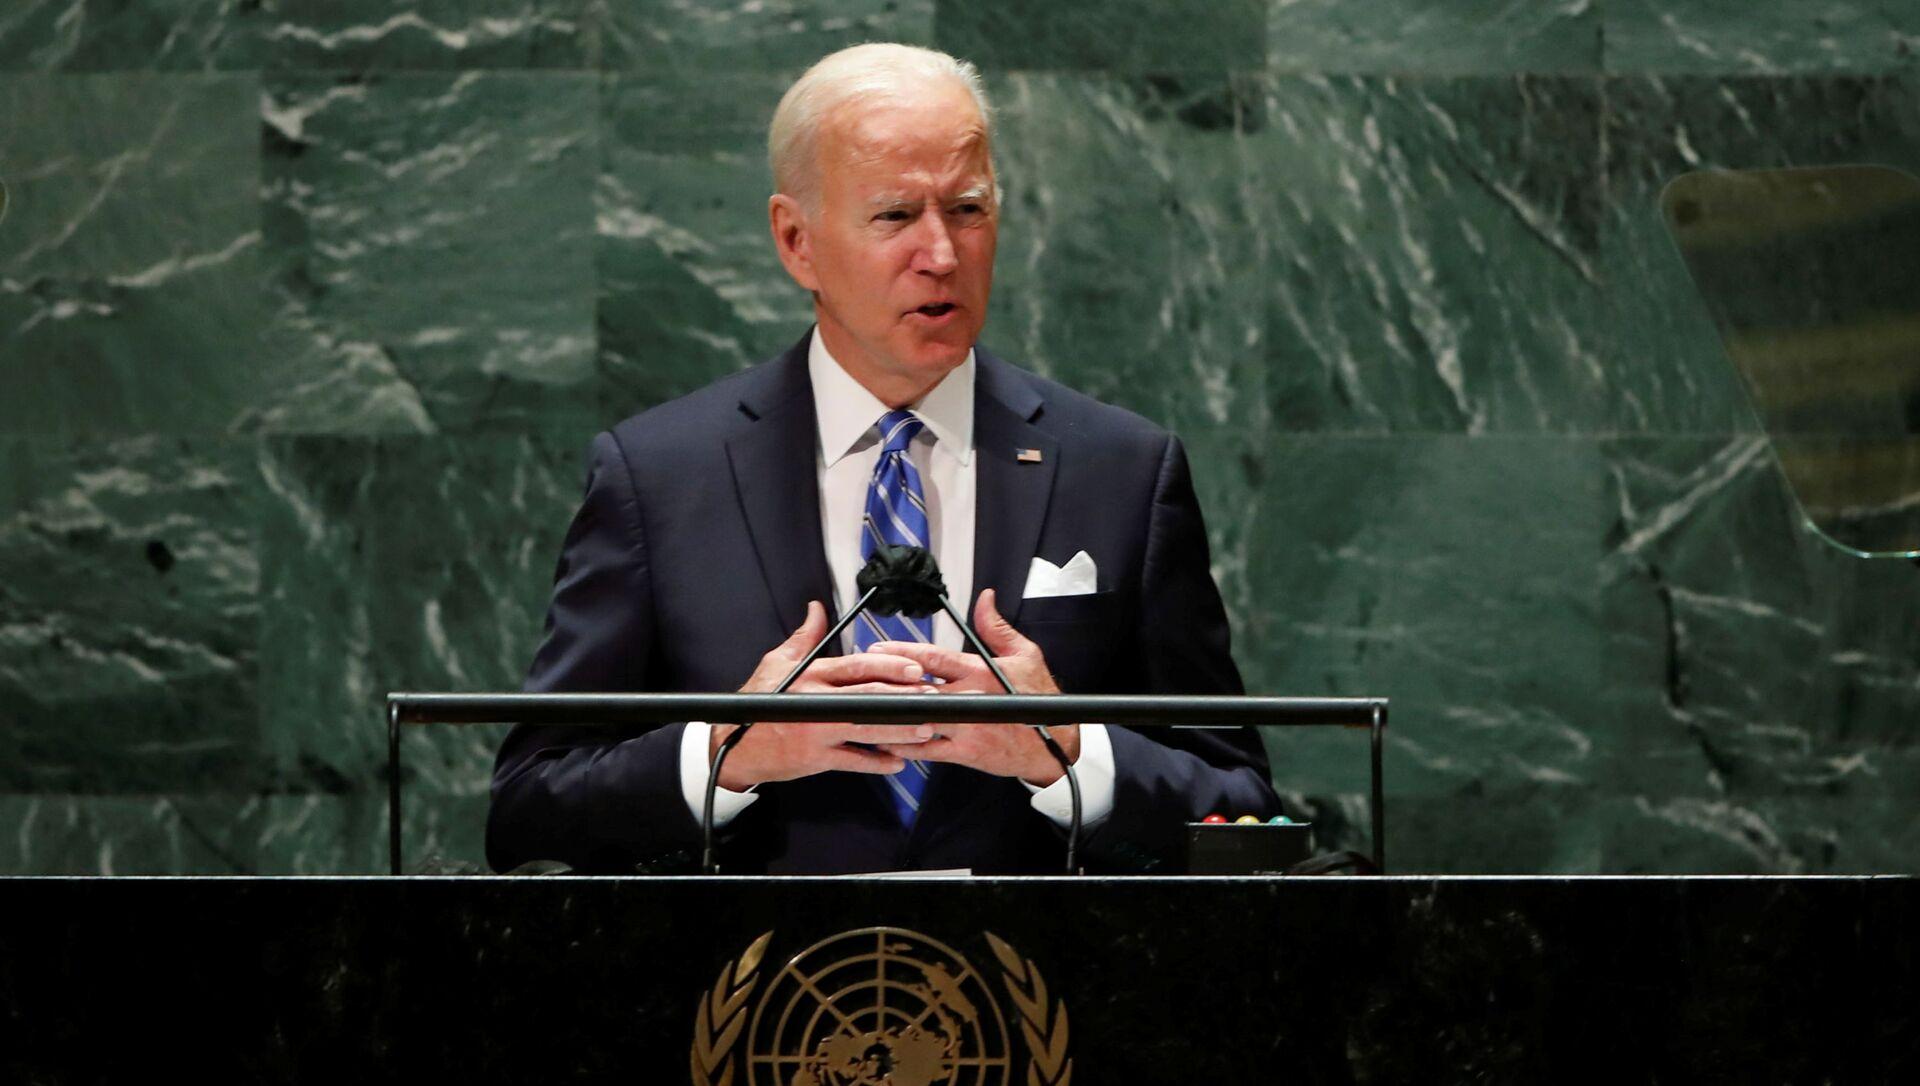 Tổng thống Joe Biden tại phiên họp thường niên lần thứ 76 của Đại hội đồng Liên Hợp Quốc - Sputnik Việt Nam, 1920, 22.09.2021